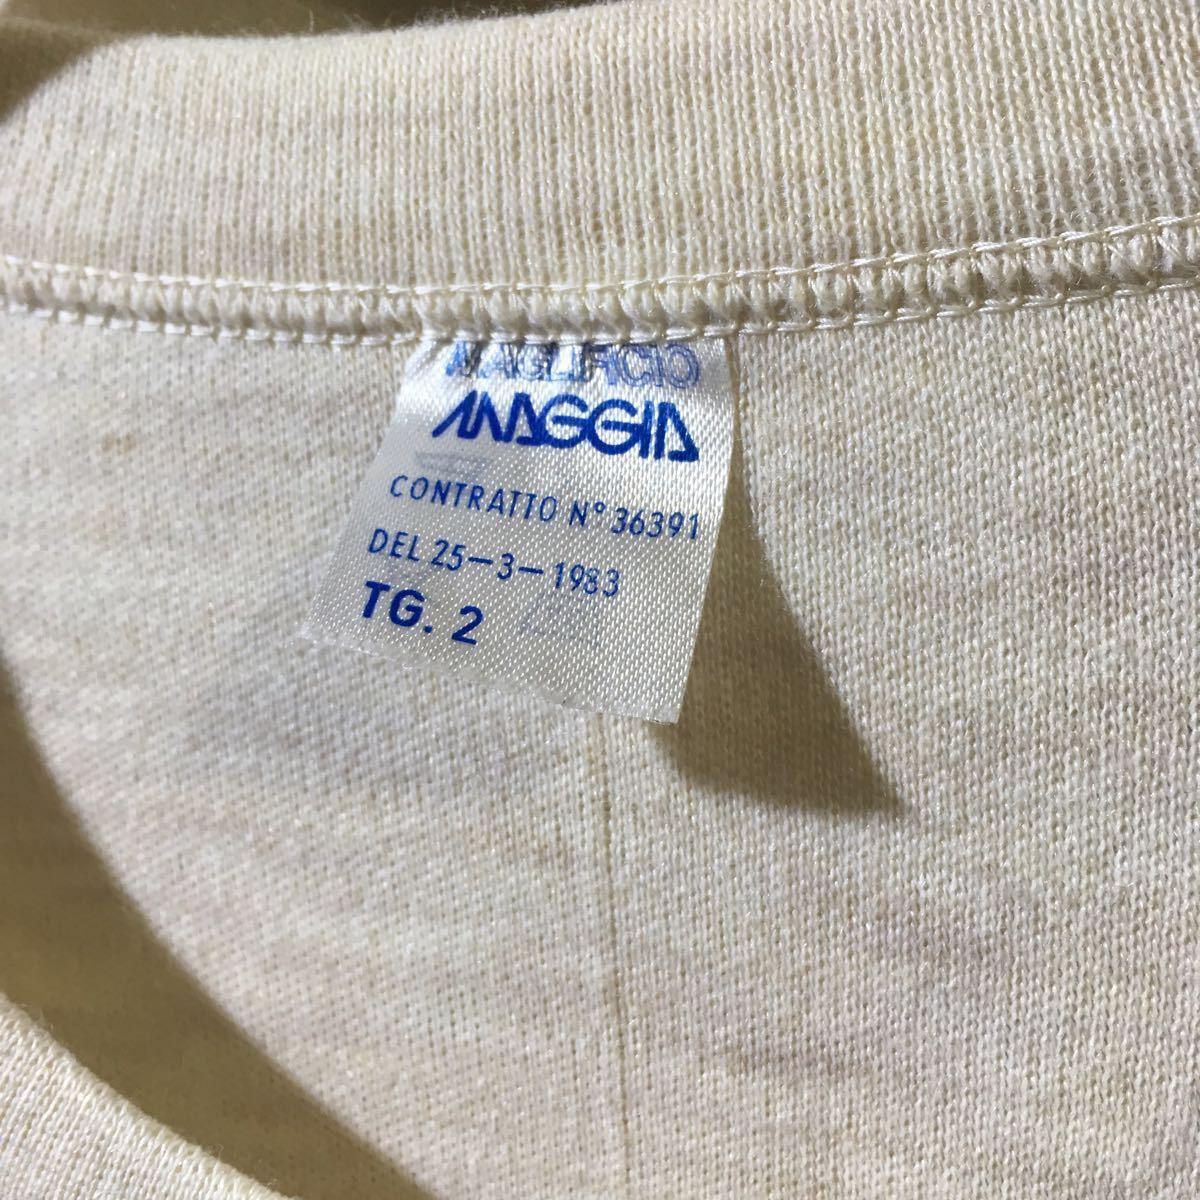 イタリア軍 1980's Dead Stock [Knit Sweater] セーター ニット ミリタリー ビンテージ フランス軍 イギリス軍 実物 ユーロ ヨーロッパ_画像4